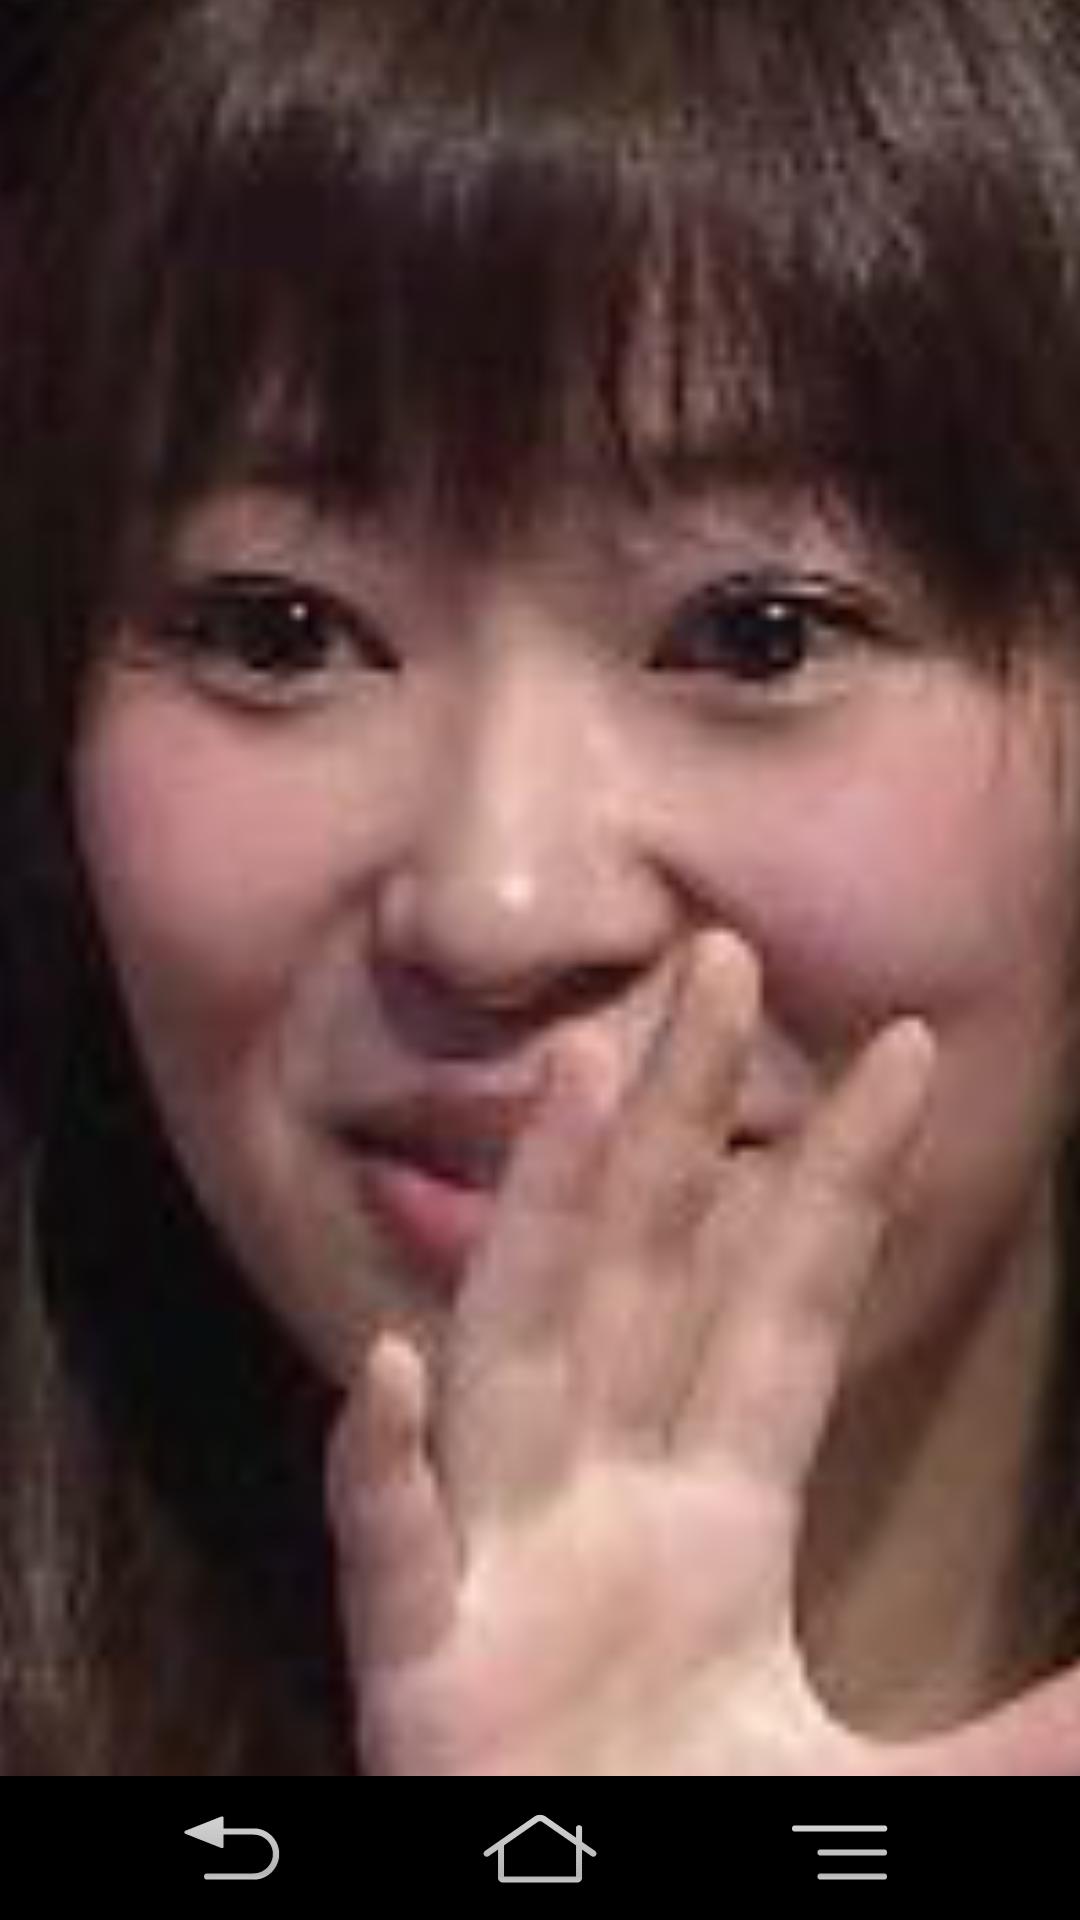 水沢アリー「有吉反省会」で整形告白「もういじってない」